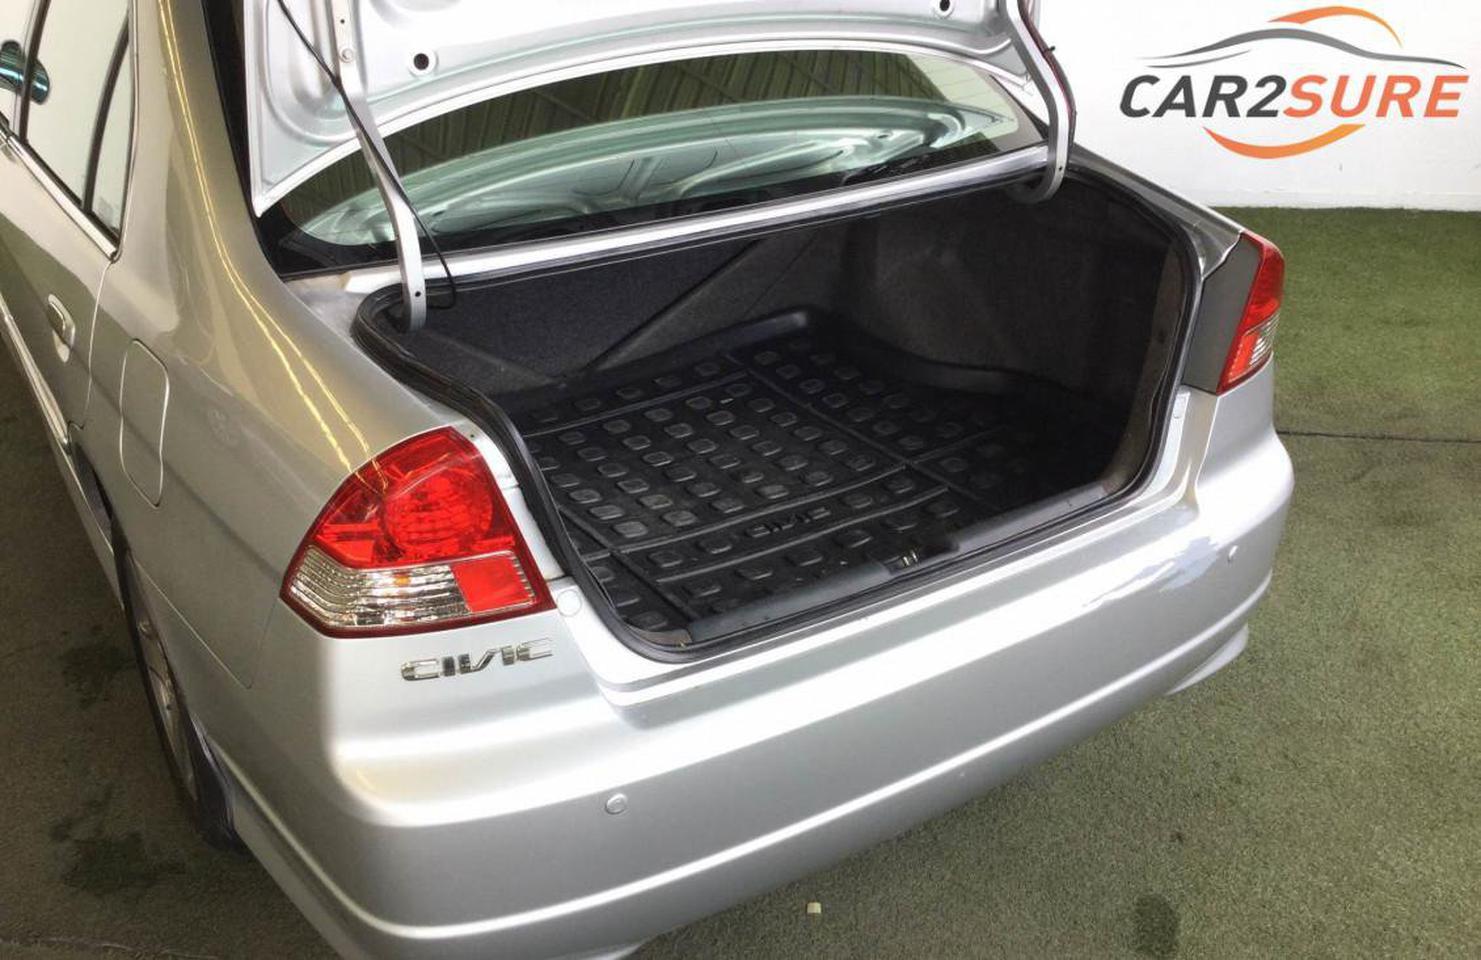 Honda civic car2sure.5) รูปที่ 3